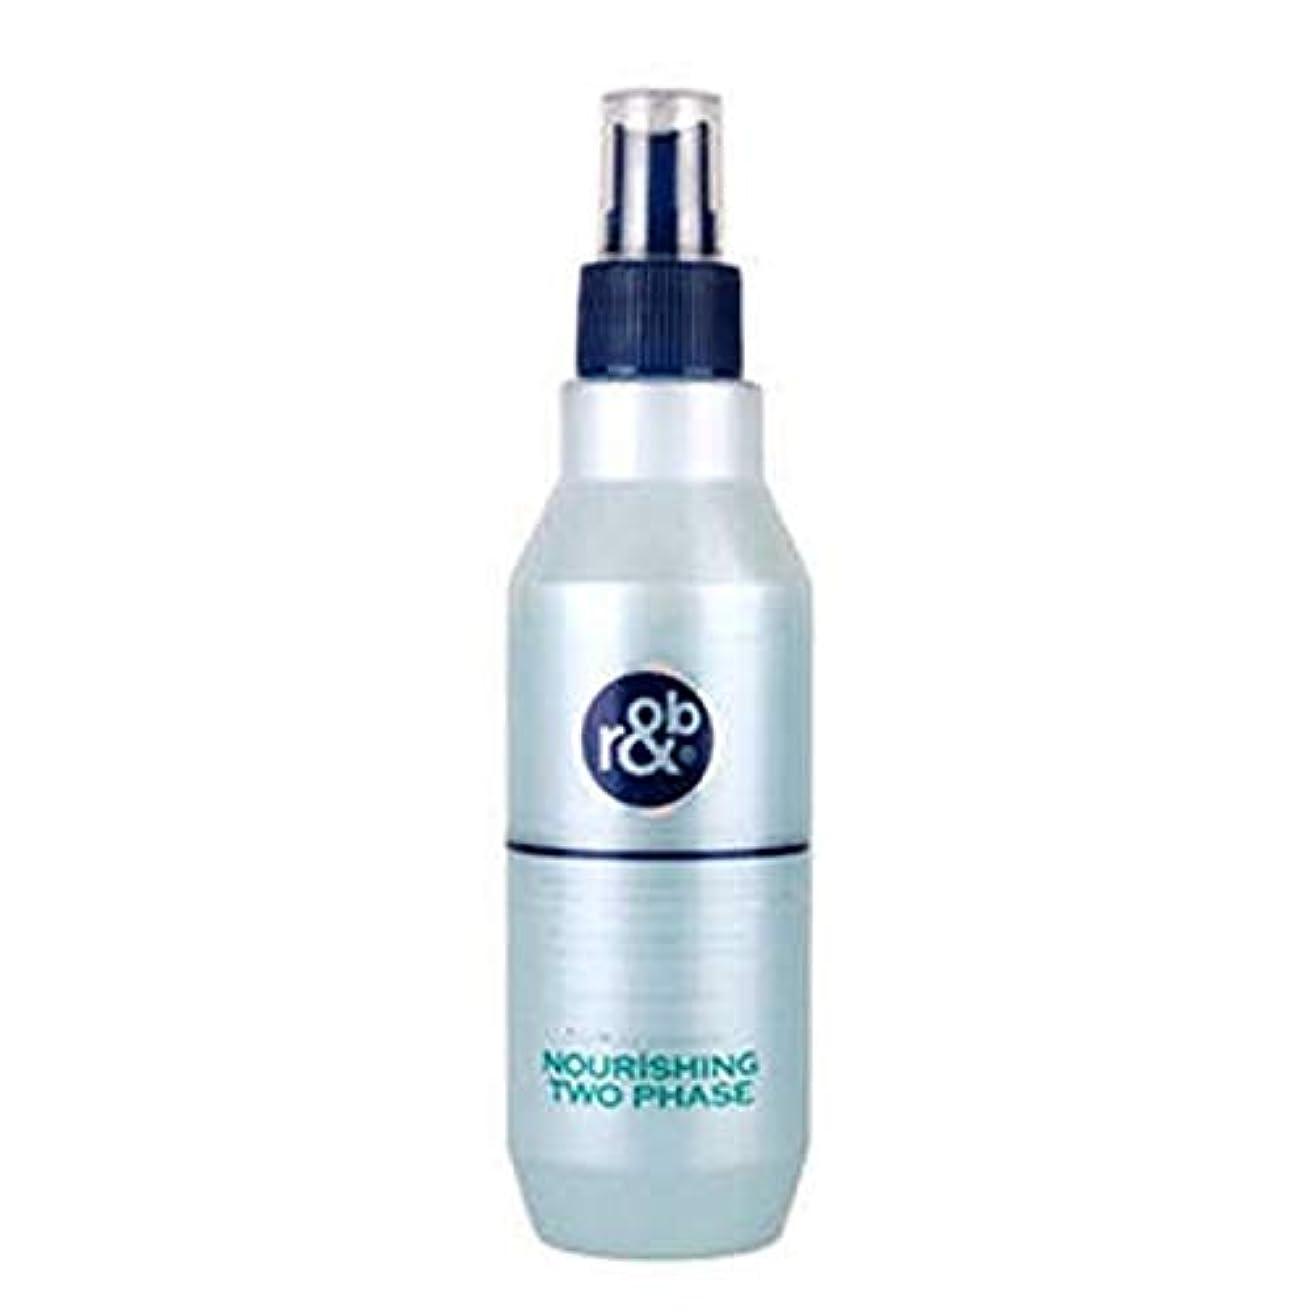 獣最大のサドルフィトン セラピー ナリッシング 2 段階 250ml - アウトバス ヘア コンディショナー ( Phyton Therapy Nourishing Two Phase 250ml - leave in Hair Conditioner...